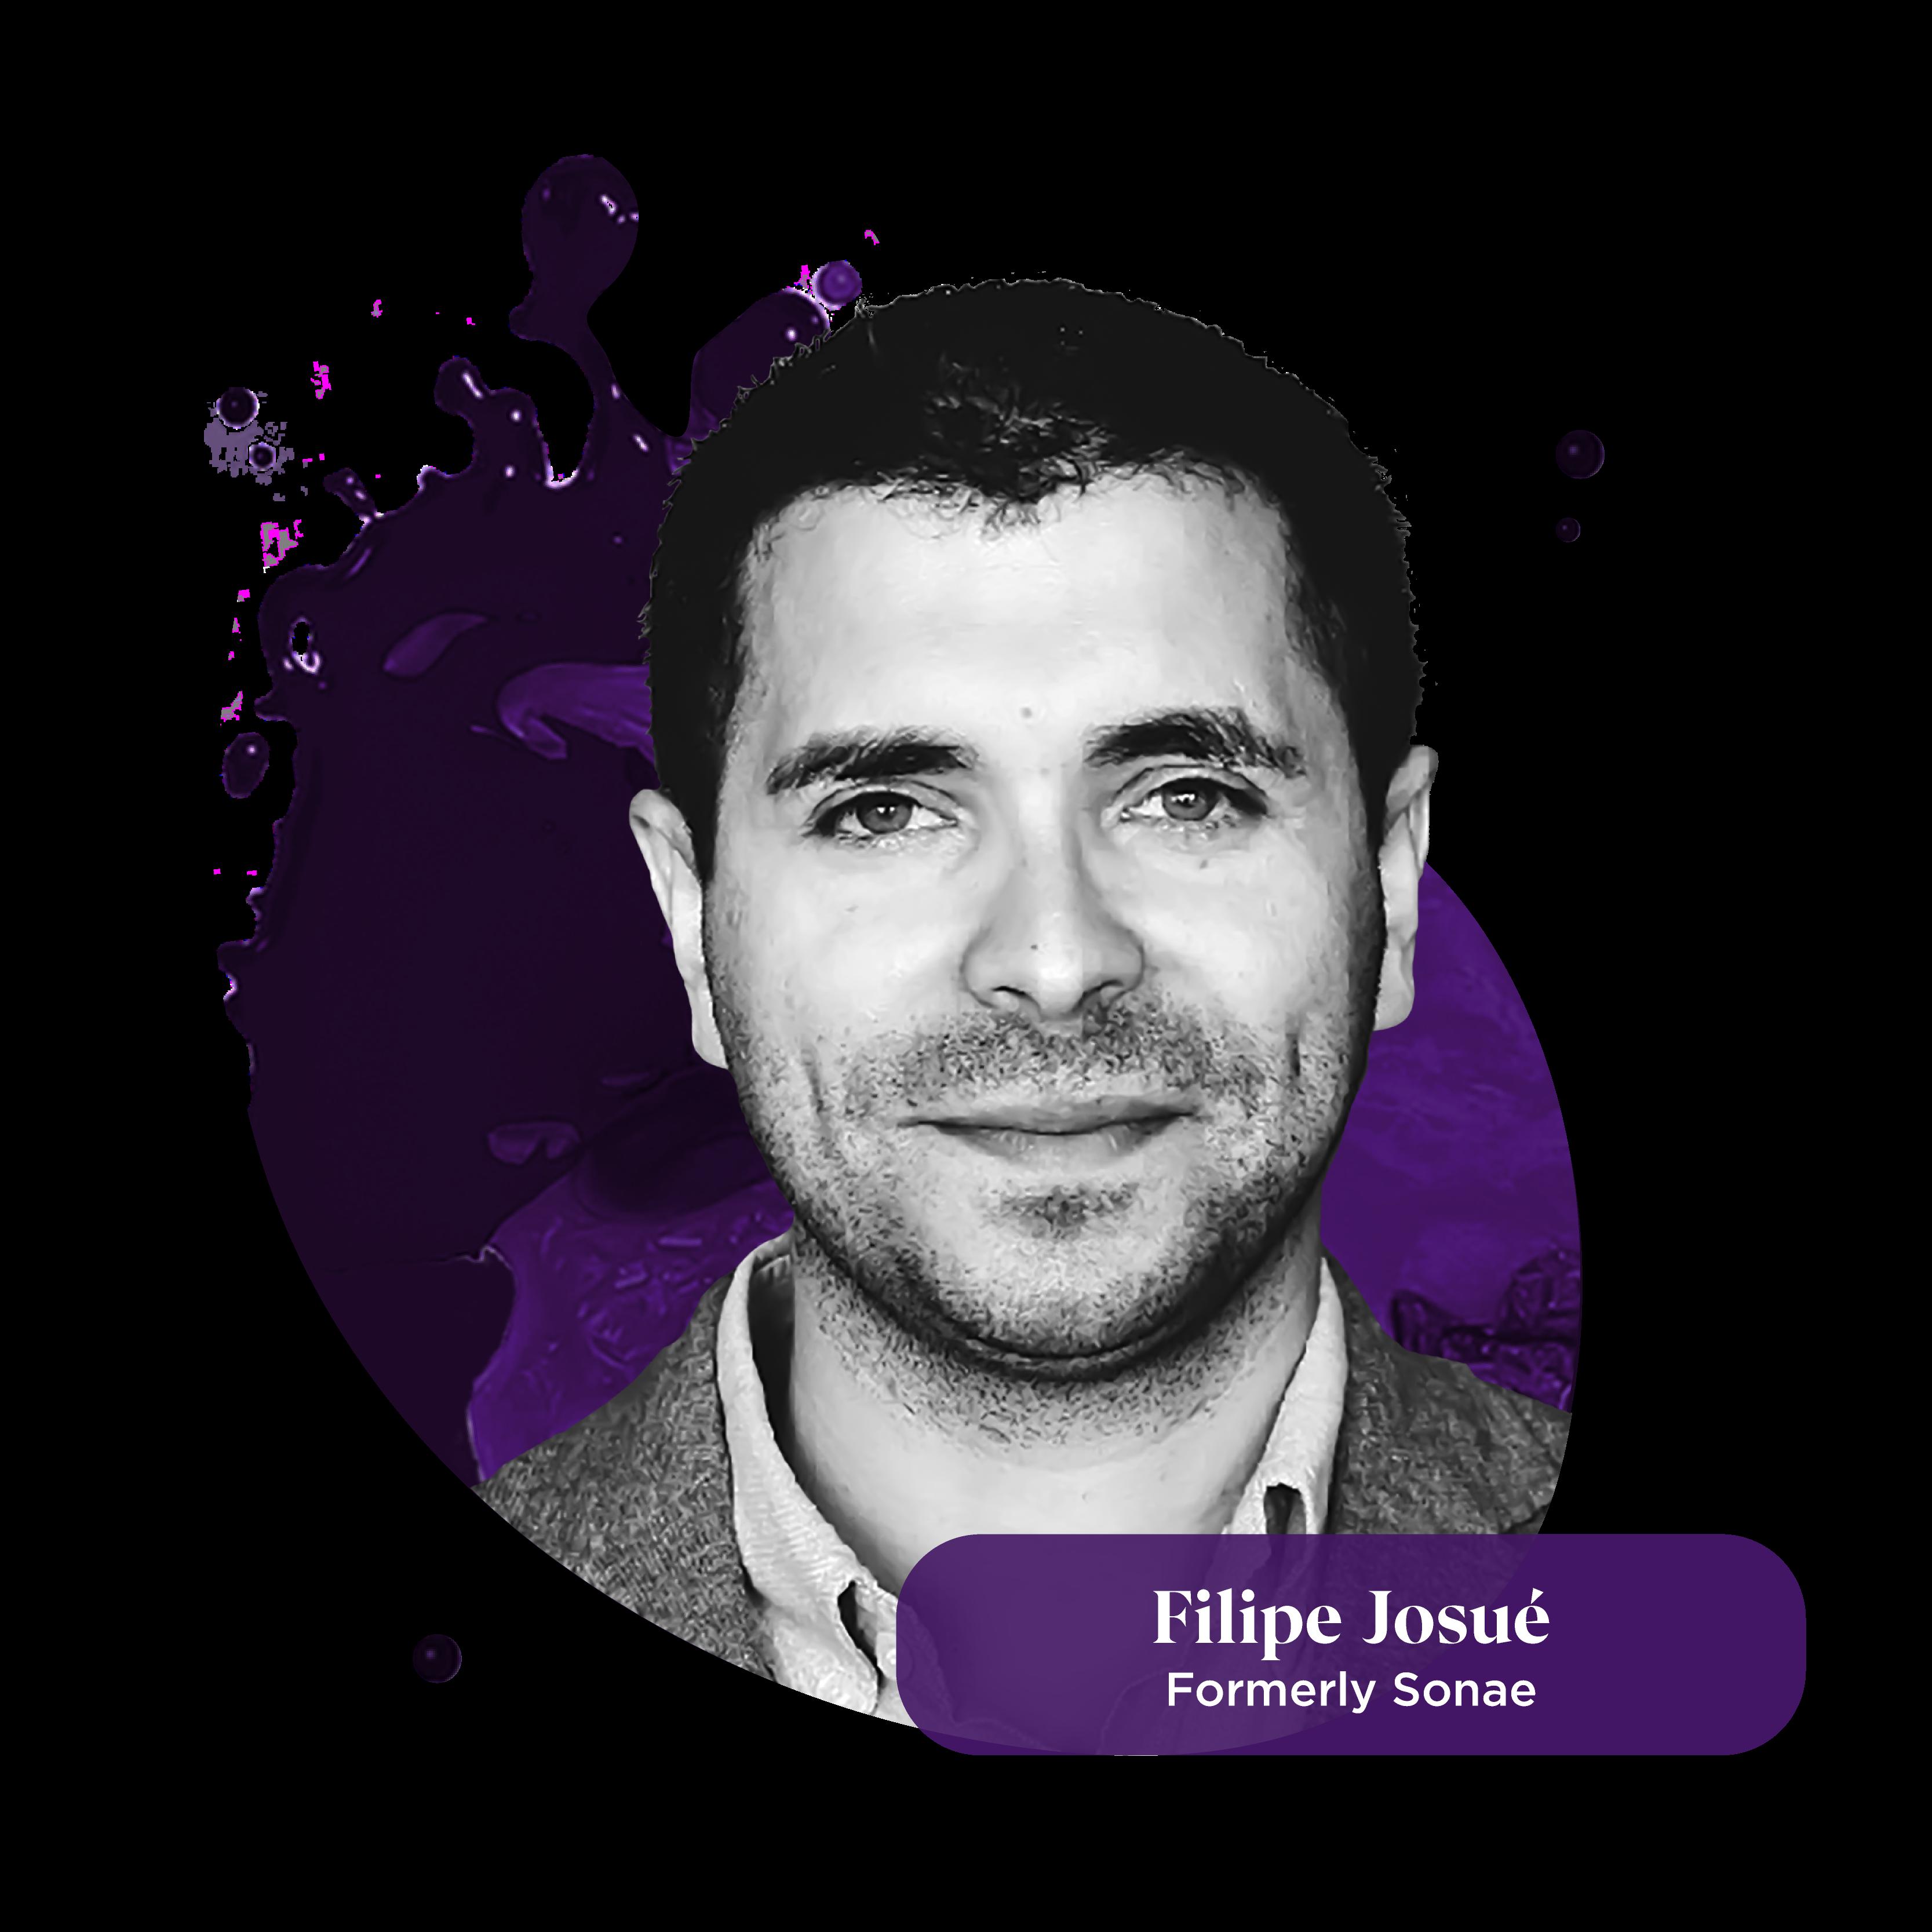 Filipe Josue